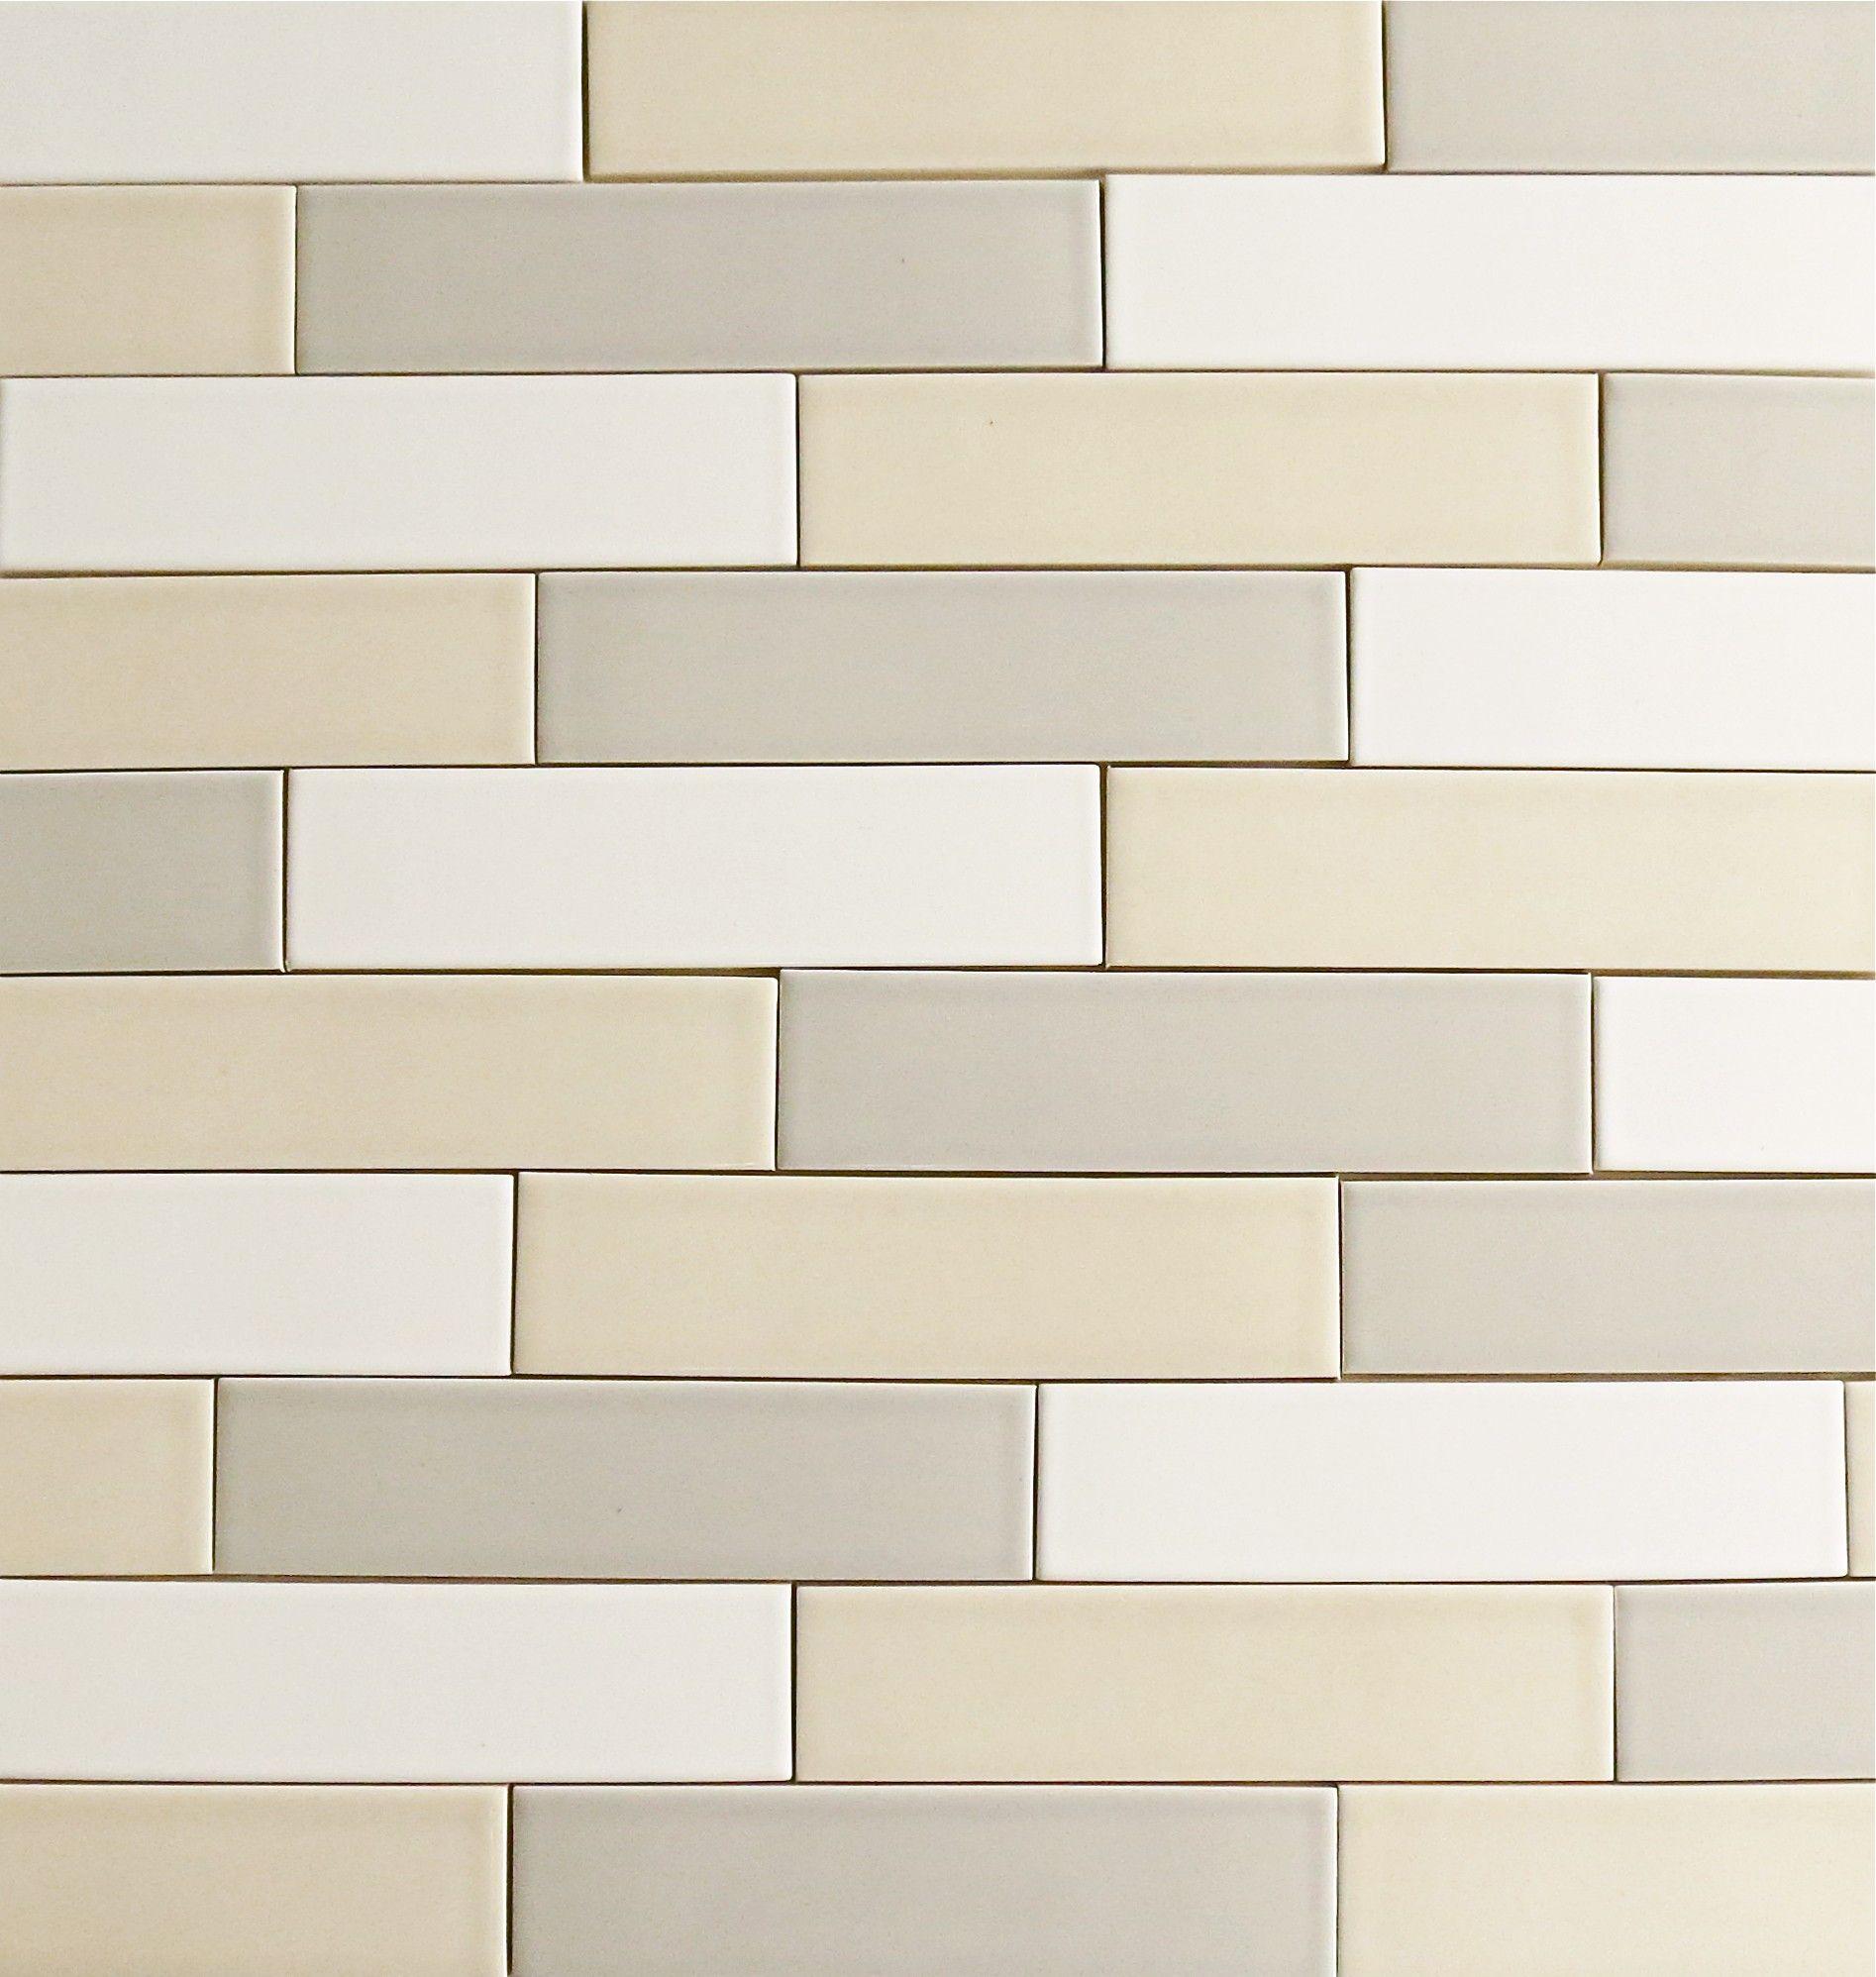 Clayhaus Vellum Cream Color 2x8 Subway Ceramic Tile